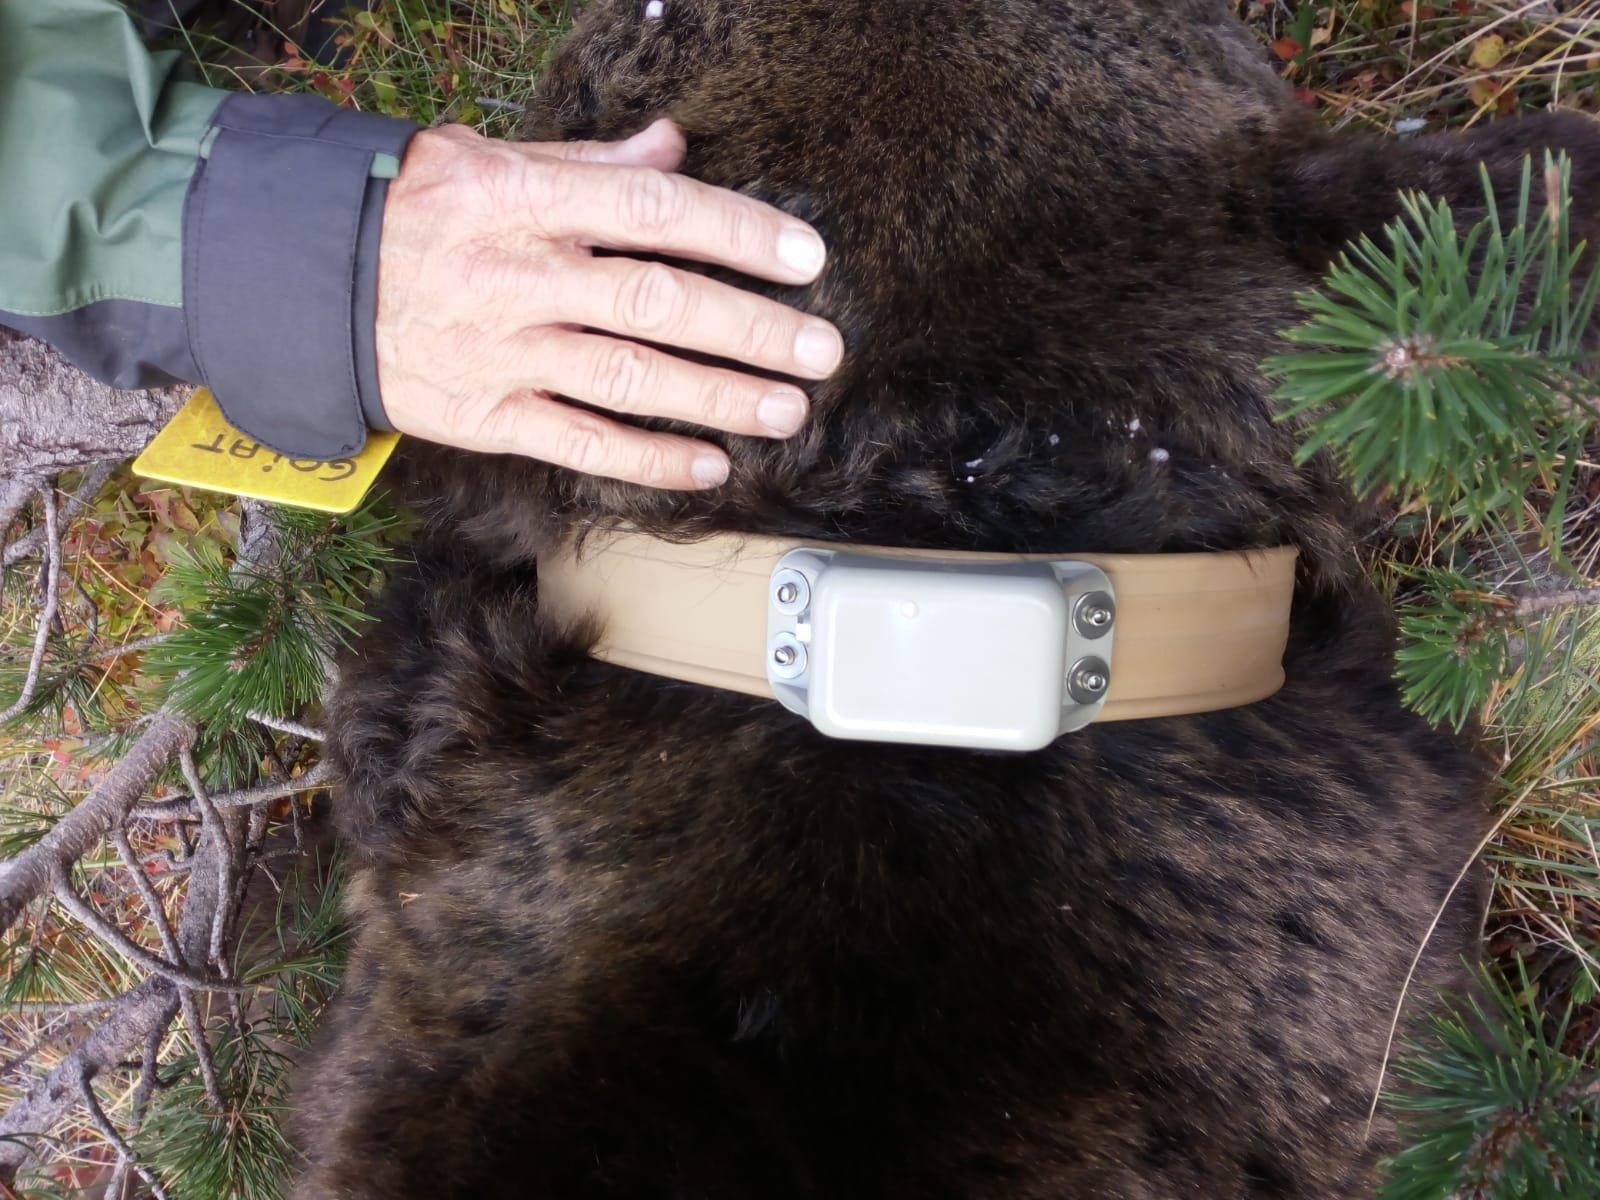 El nou collar de seguiment de l'ós Goiat just després de ser col·locat a l'animal